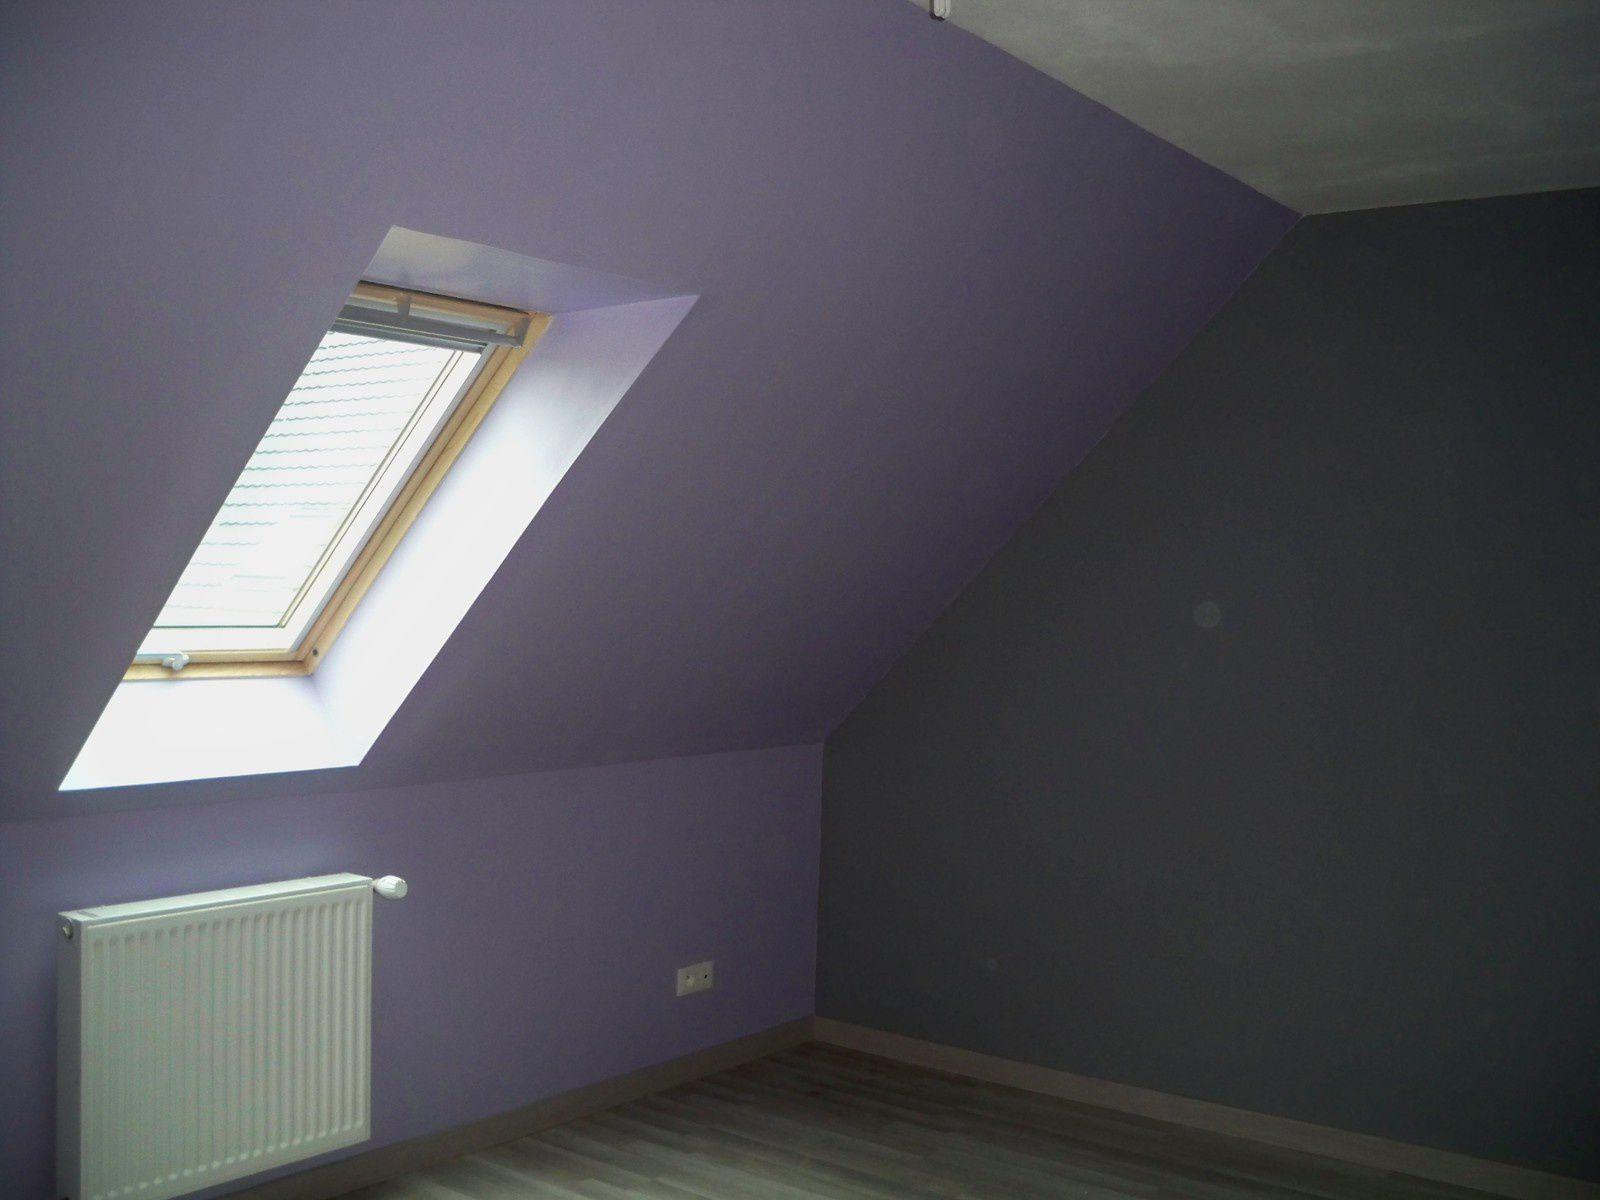 la peinture des chambres la chambre du b b bleu et lin la chambre d 39 ami lila. Black Bedroom Furniture Sets. Home Design Ideas